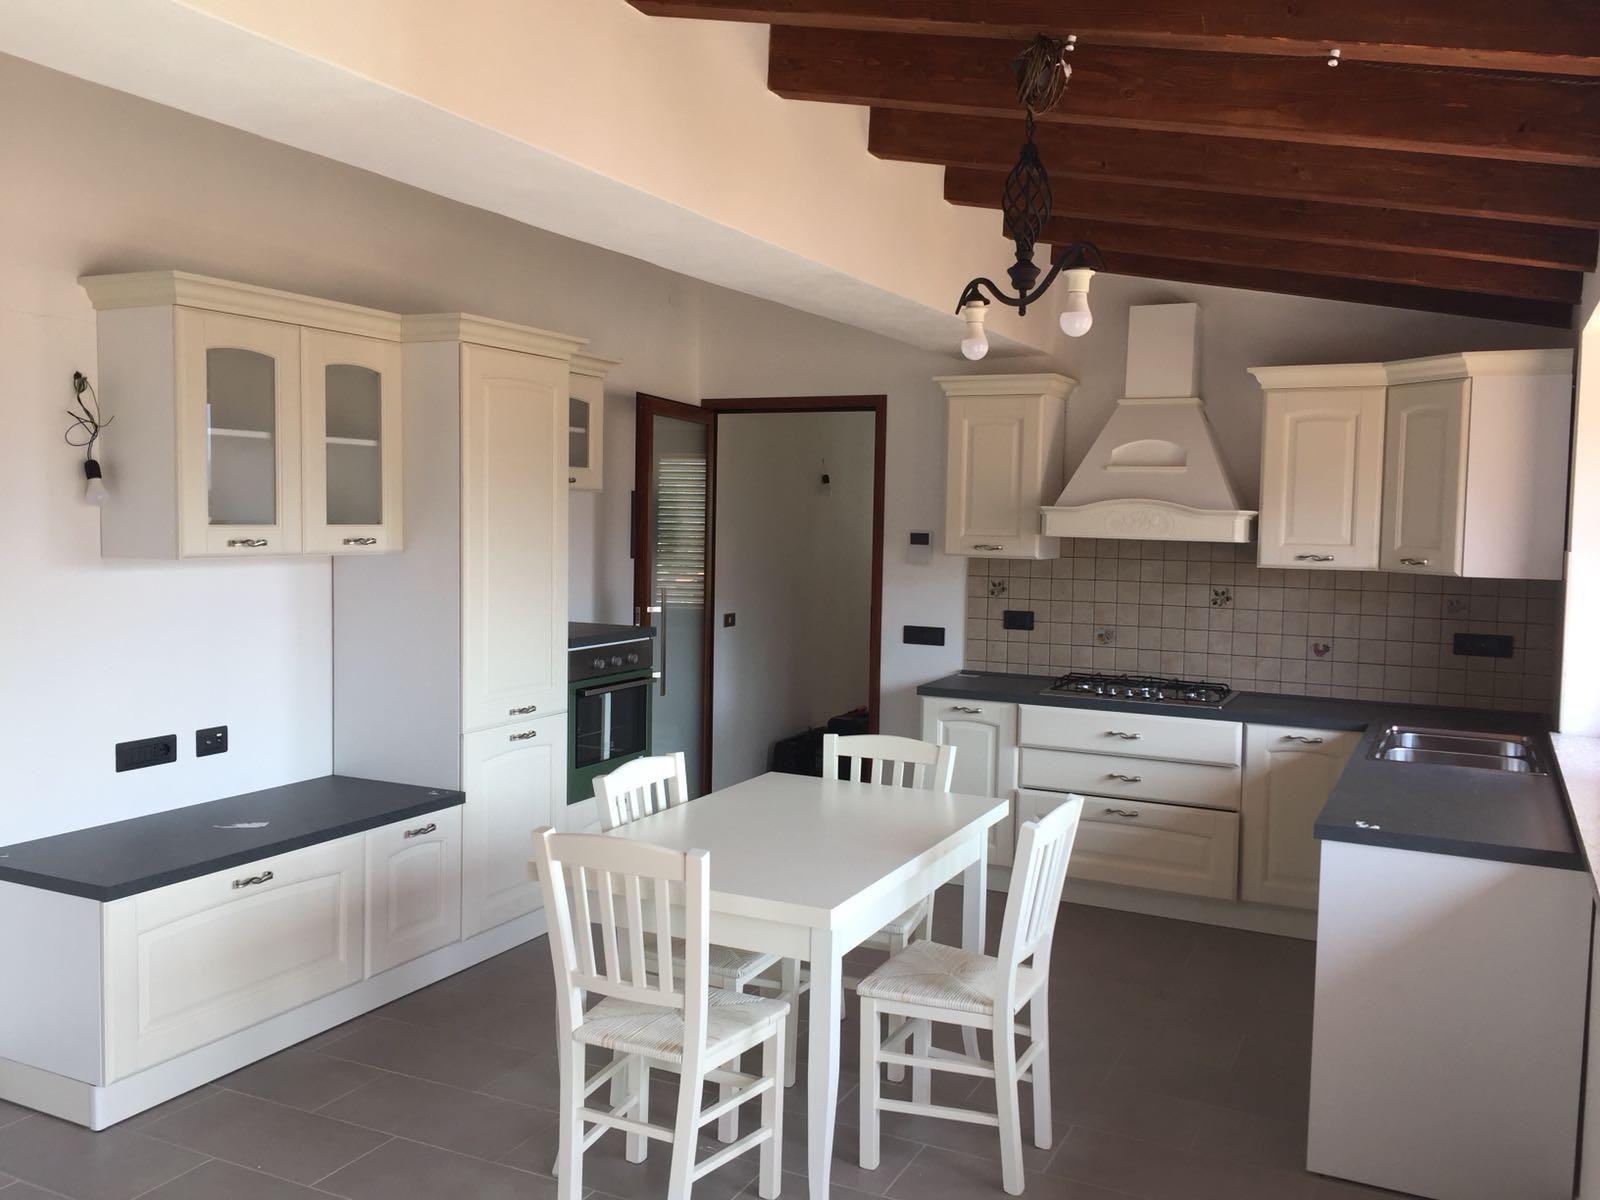 Cucine Cagliari Arredi 2000 0713 WA0005